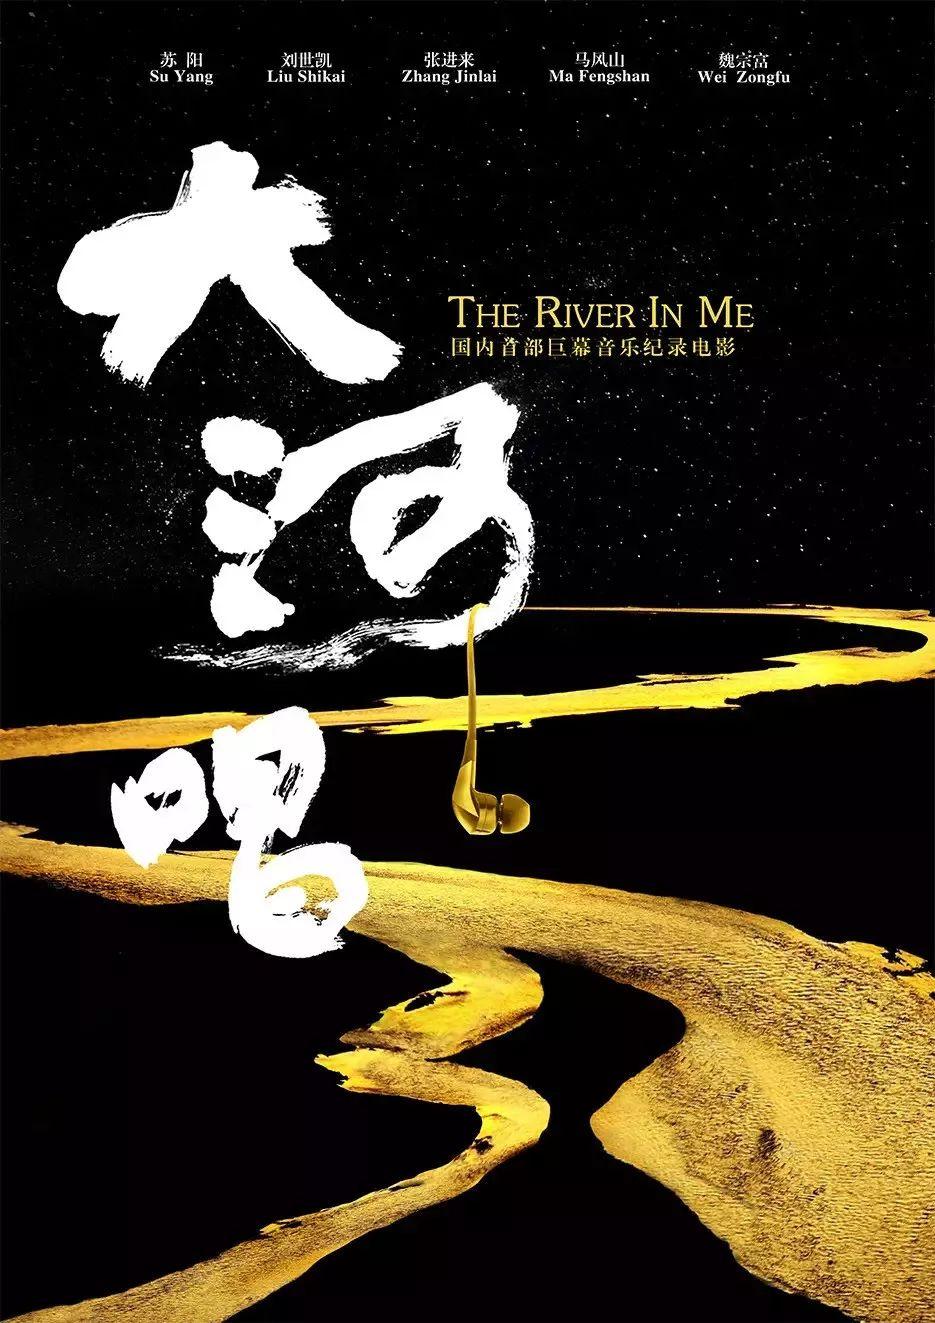 清华的年轻人,上山下乡拍出《大河唱》